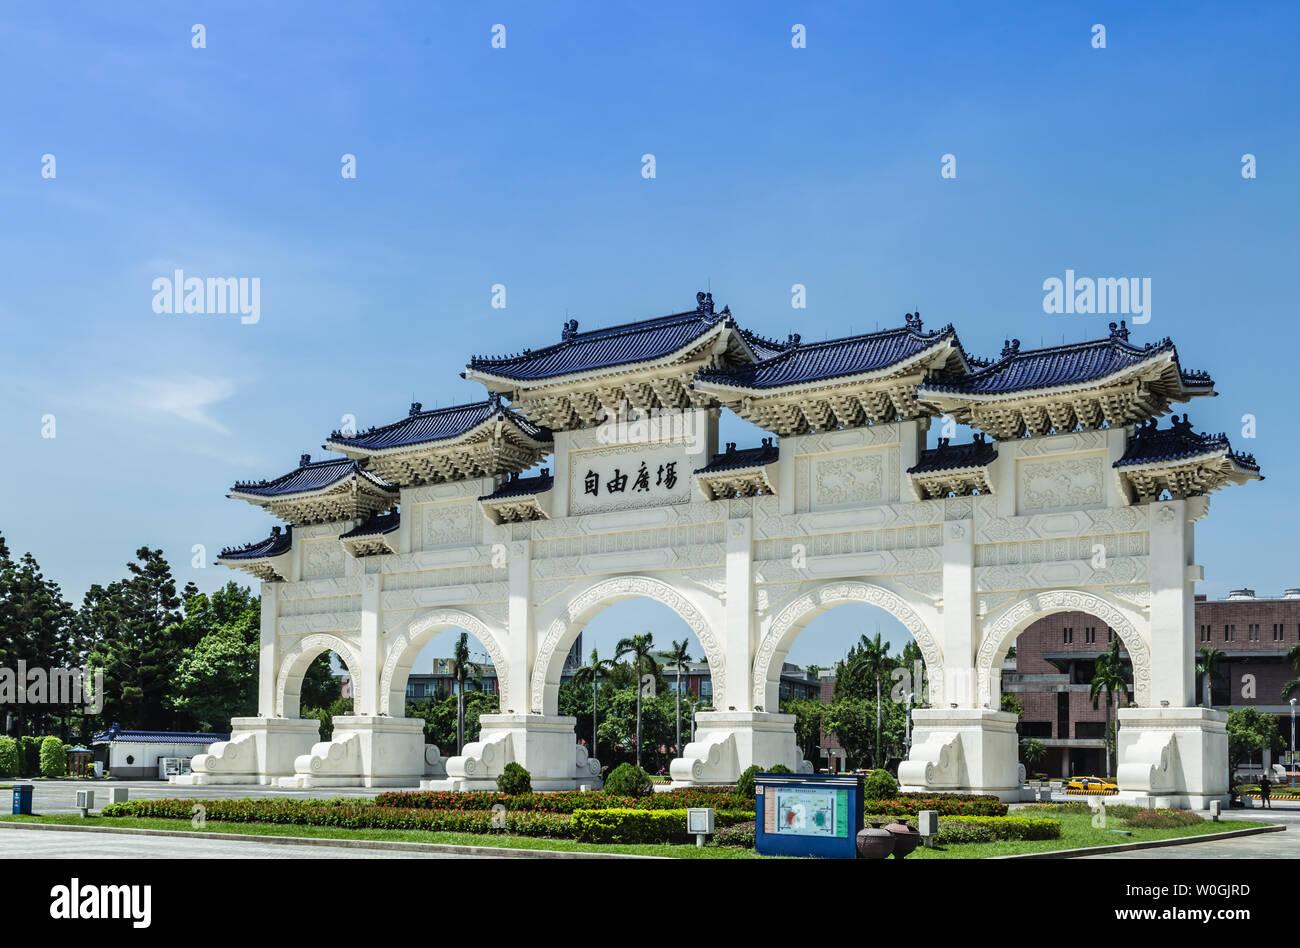 Taiwan,Taipei-05 SEP 2017: taipei liberty plaza vintage style gate facade - Stock Image